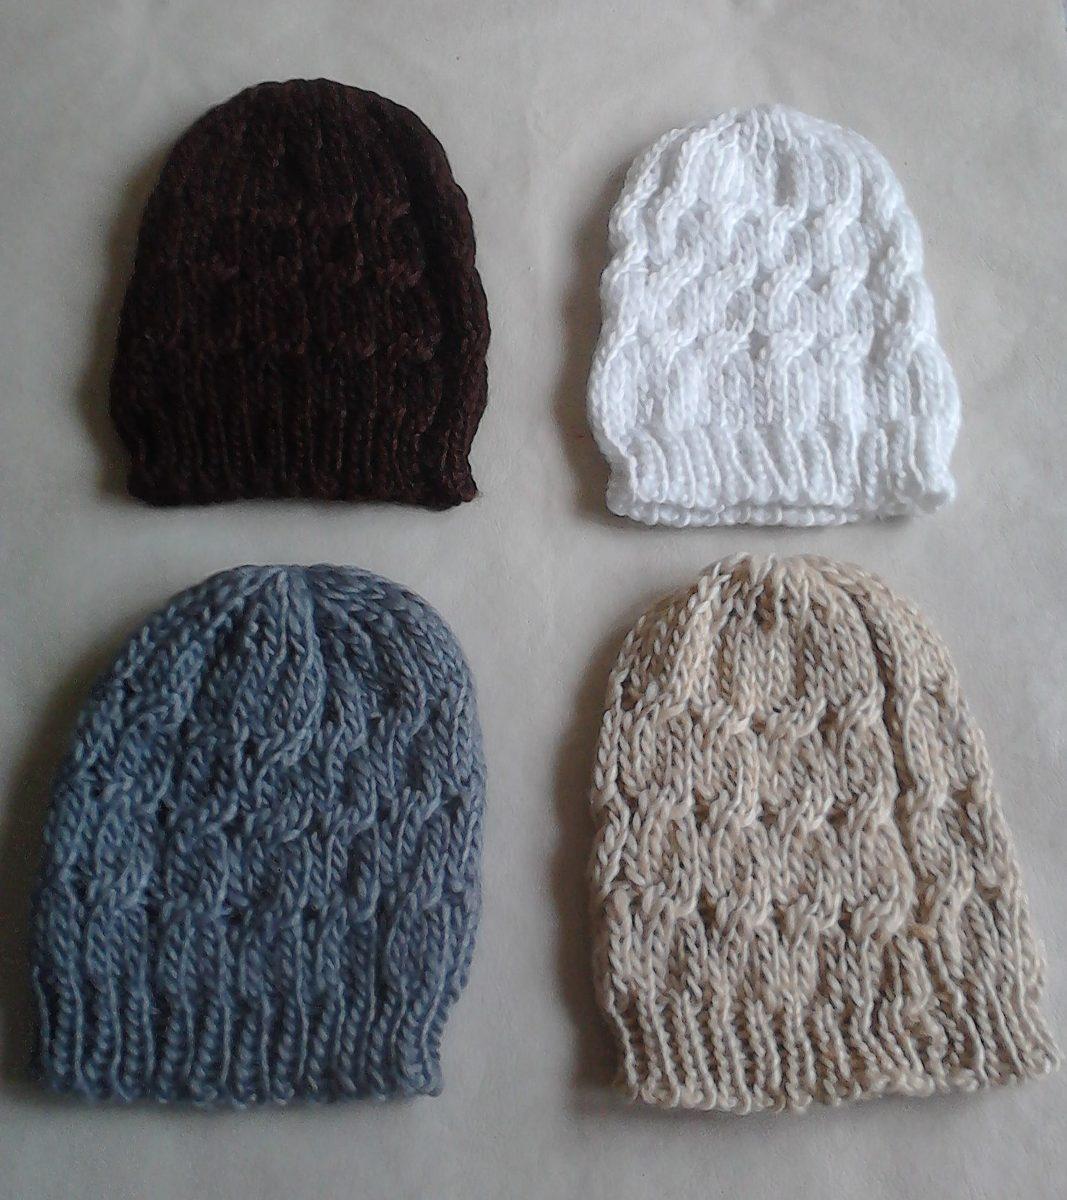 great gorro de lana mujer tejido punto promocion limitada cargando zoom  with gorros de lana de mujer. 999b282e7cf